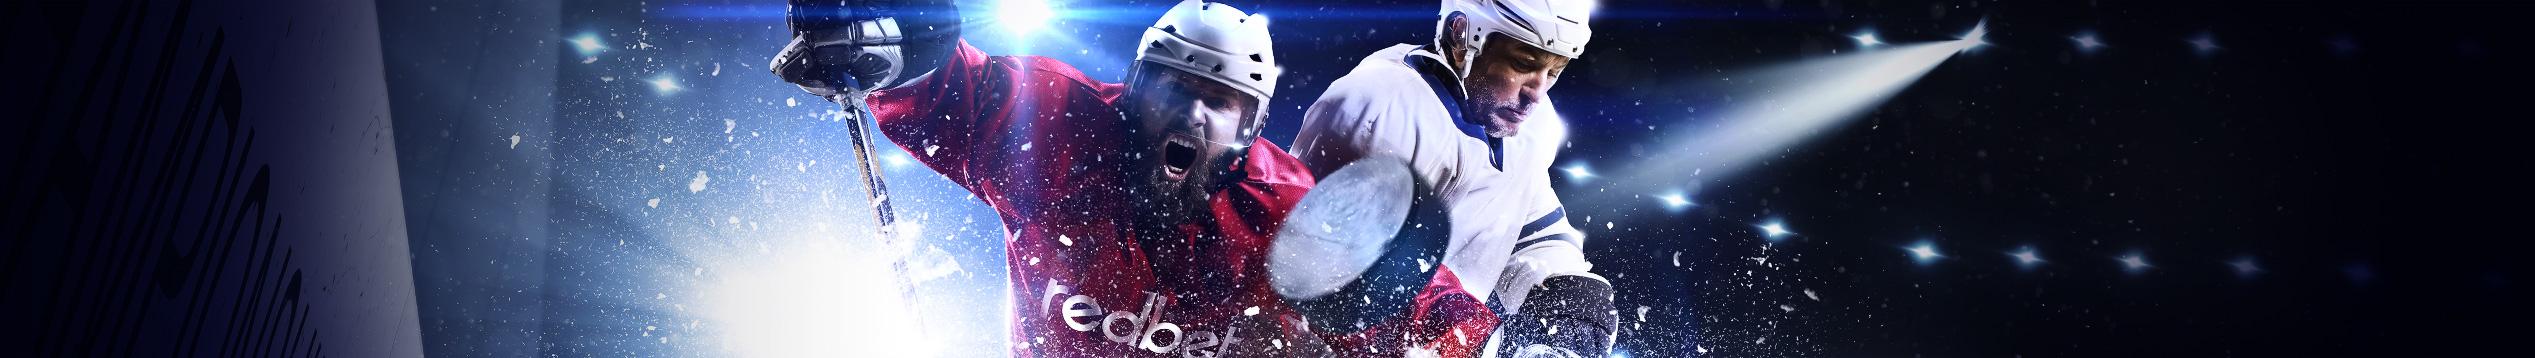 Ishockey målbonus